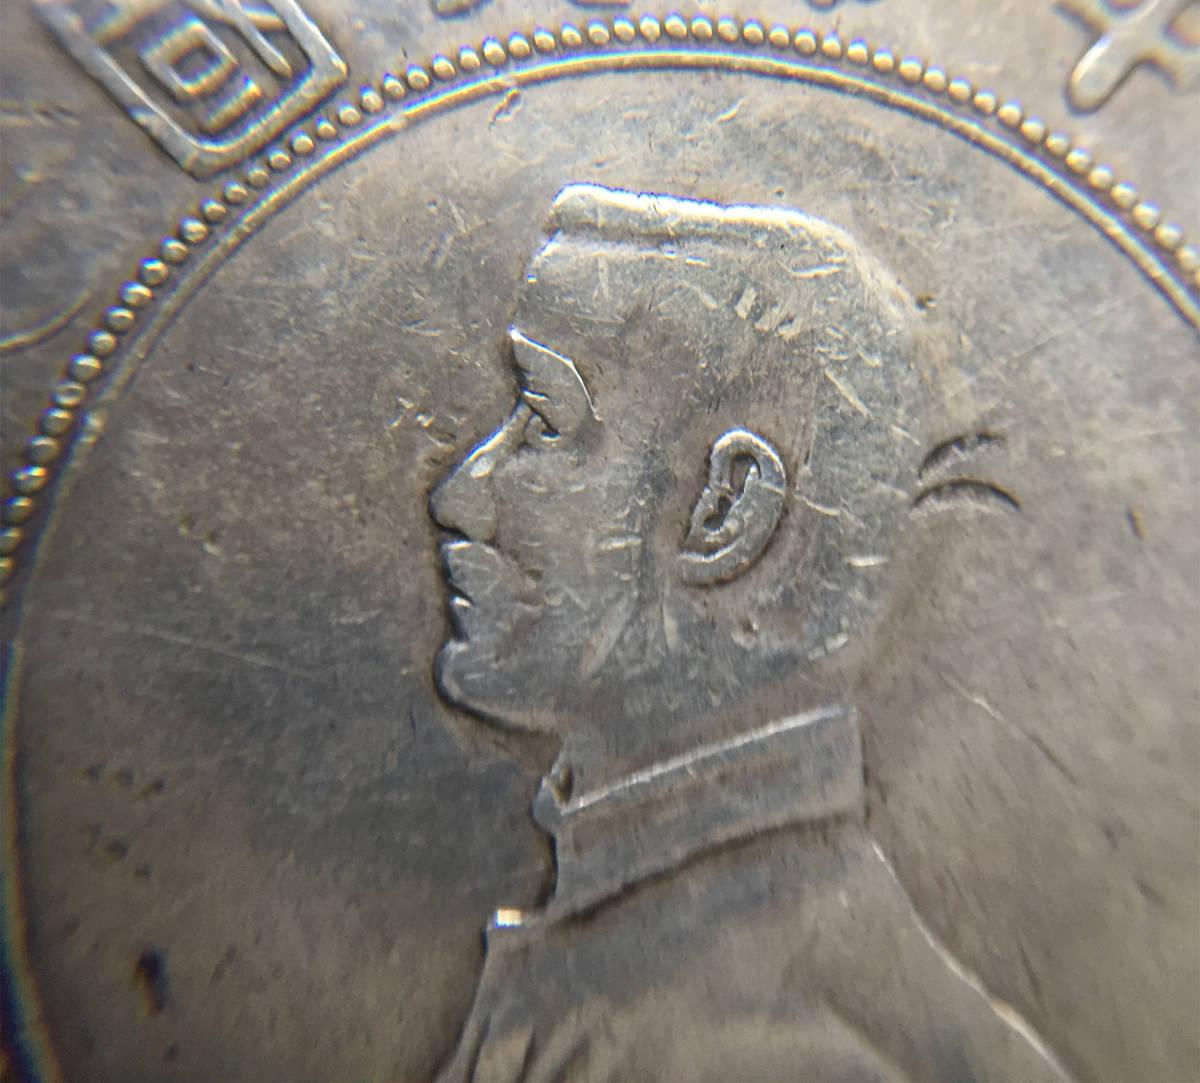 中国 中華民国 孫文 開国記念幣 1円 壹圓 ONE DOLLAR 銀貨 硬貨 古銭 コイン_画像6